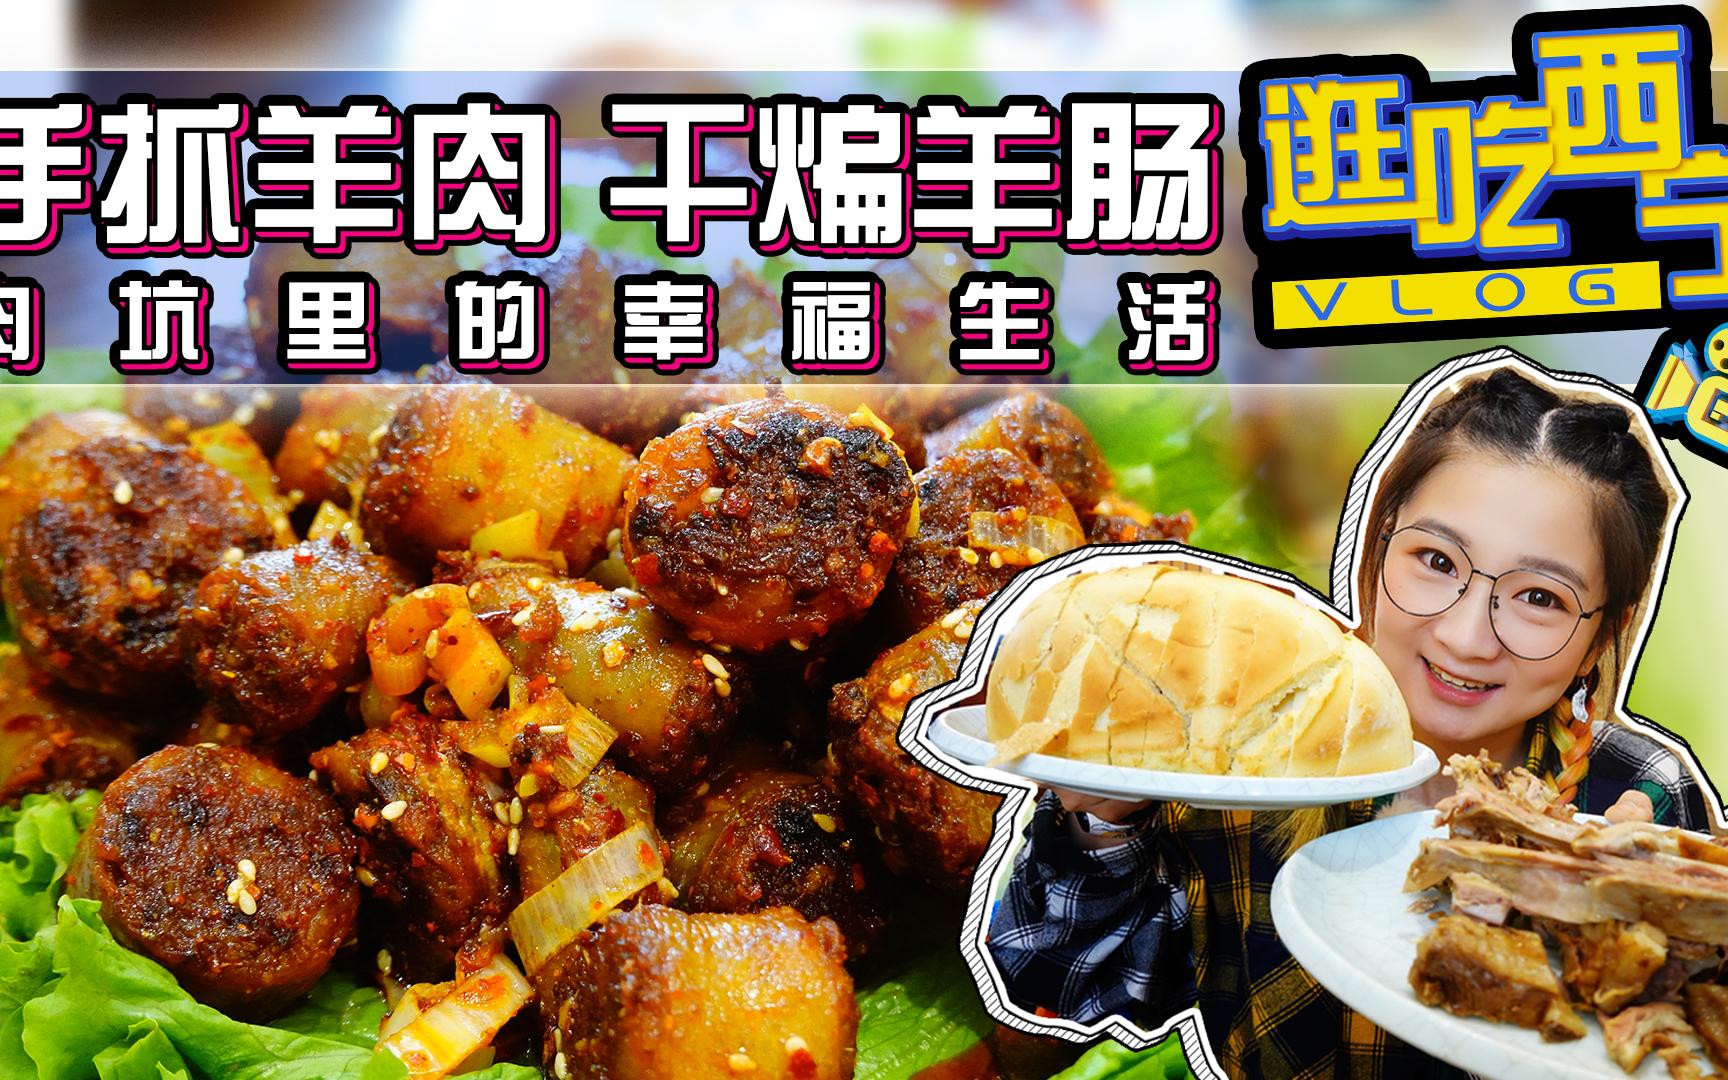 【逛吃西宁】第一顿黄焖手抓羊肉!干煸羊肠!肉堆里的生活开始啦